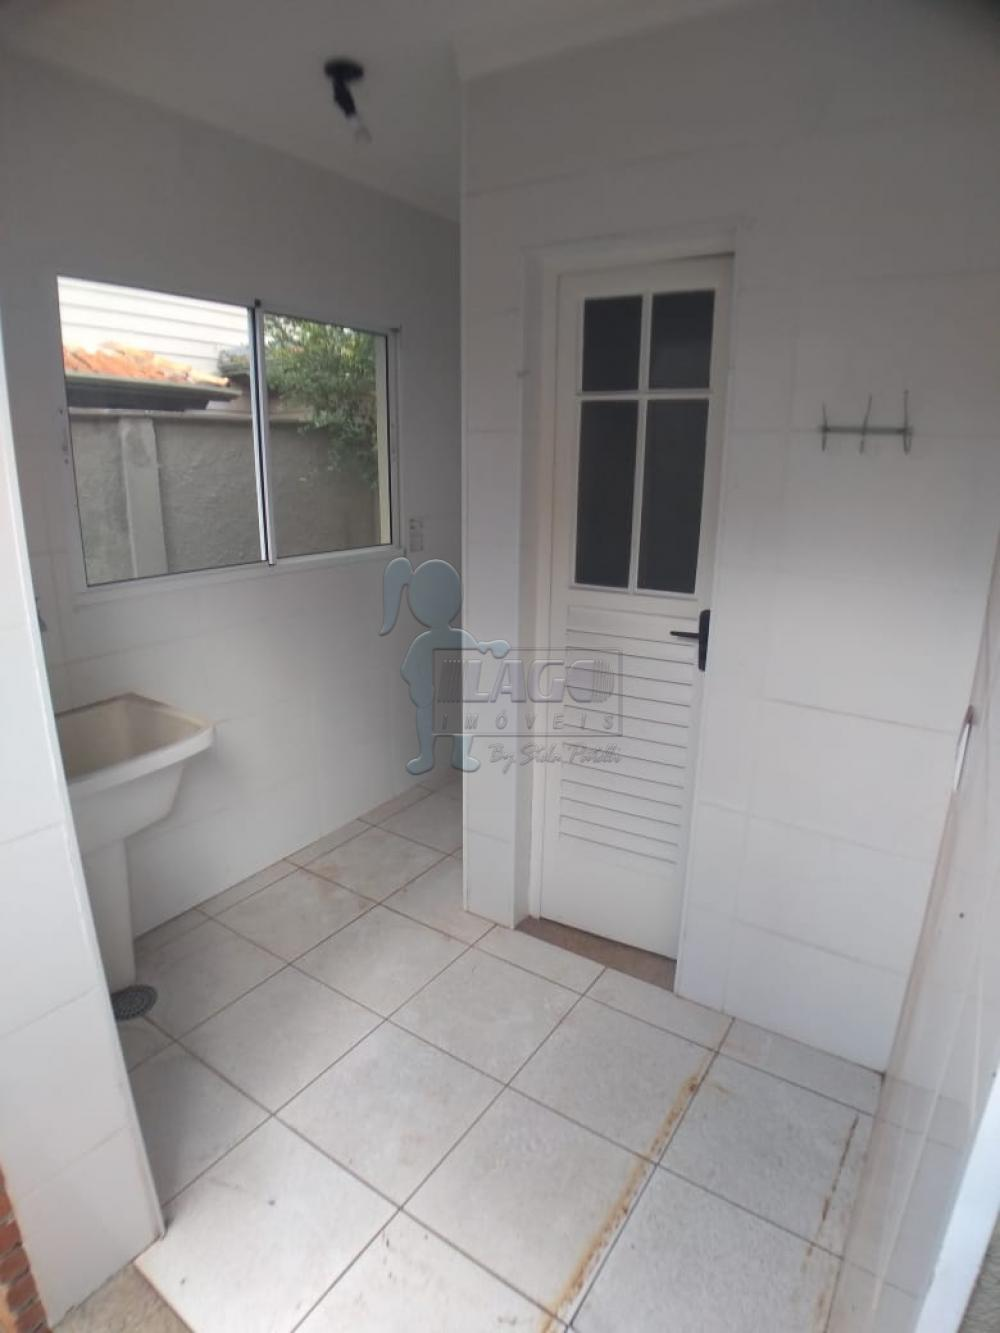 Alugar Casas / Condomínio em Ribeirão Preto apenas R$ 3.200,00 - Foto 14